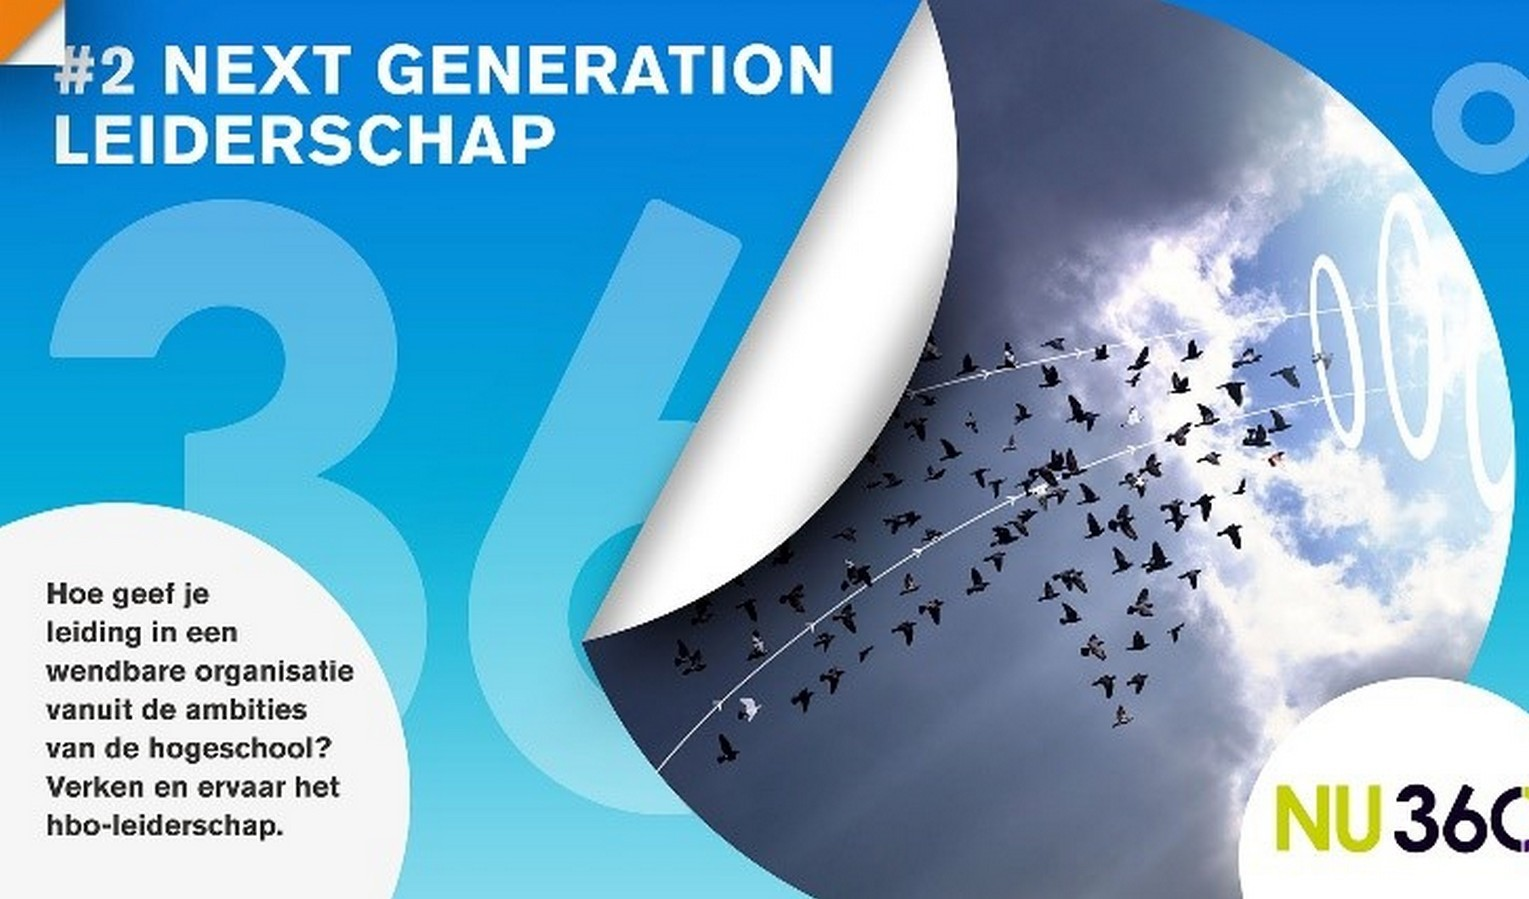 Next generation leiderschap